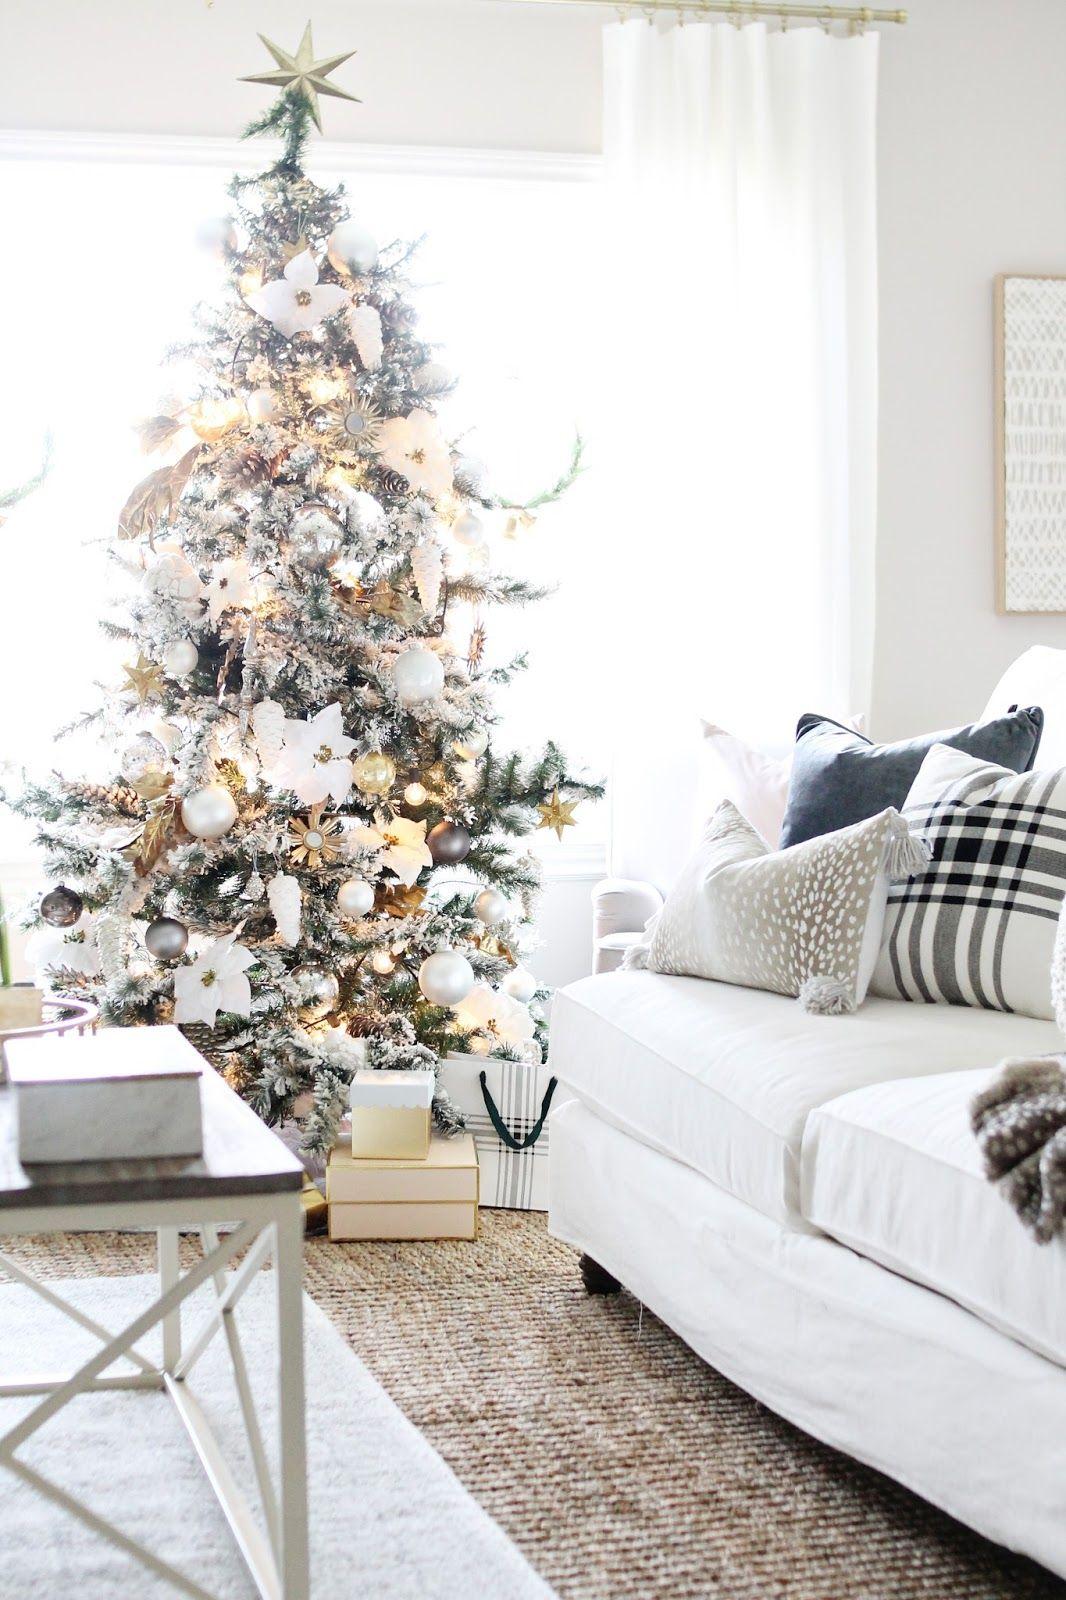 Christmas Home Tour 2017 | Holidays, Christmas decor and Blog